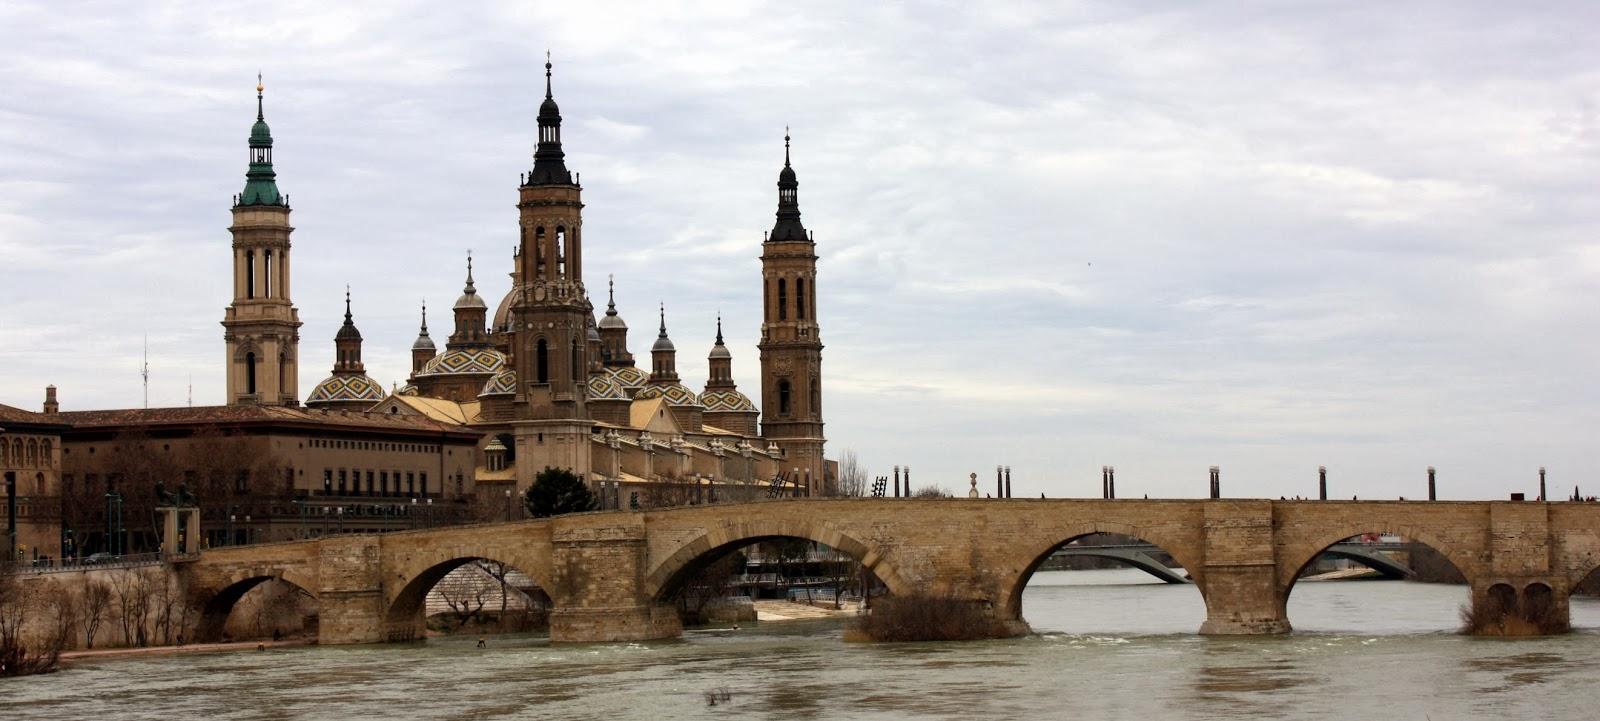 Nuestra Señora del Pilar desde el rio, Zaragoza